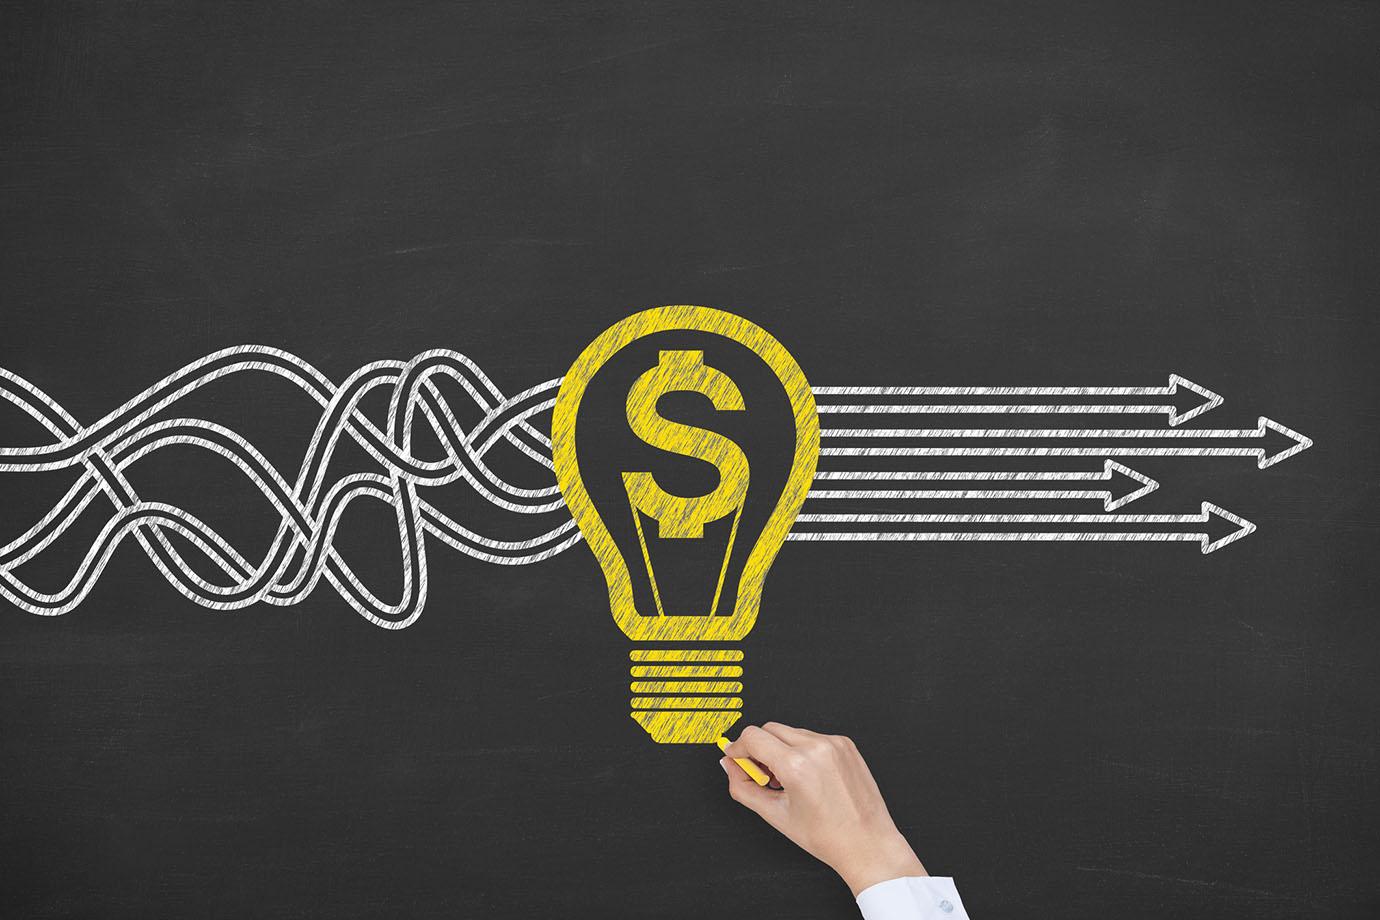 New Bright Idea Solution Finance Concept - Price SF